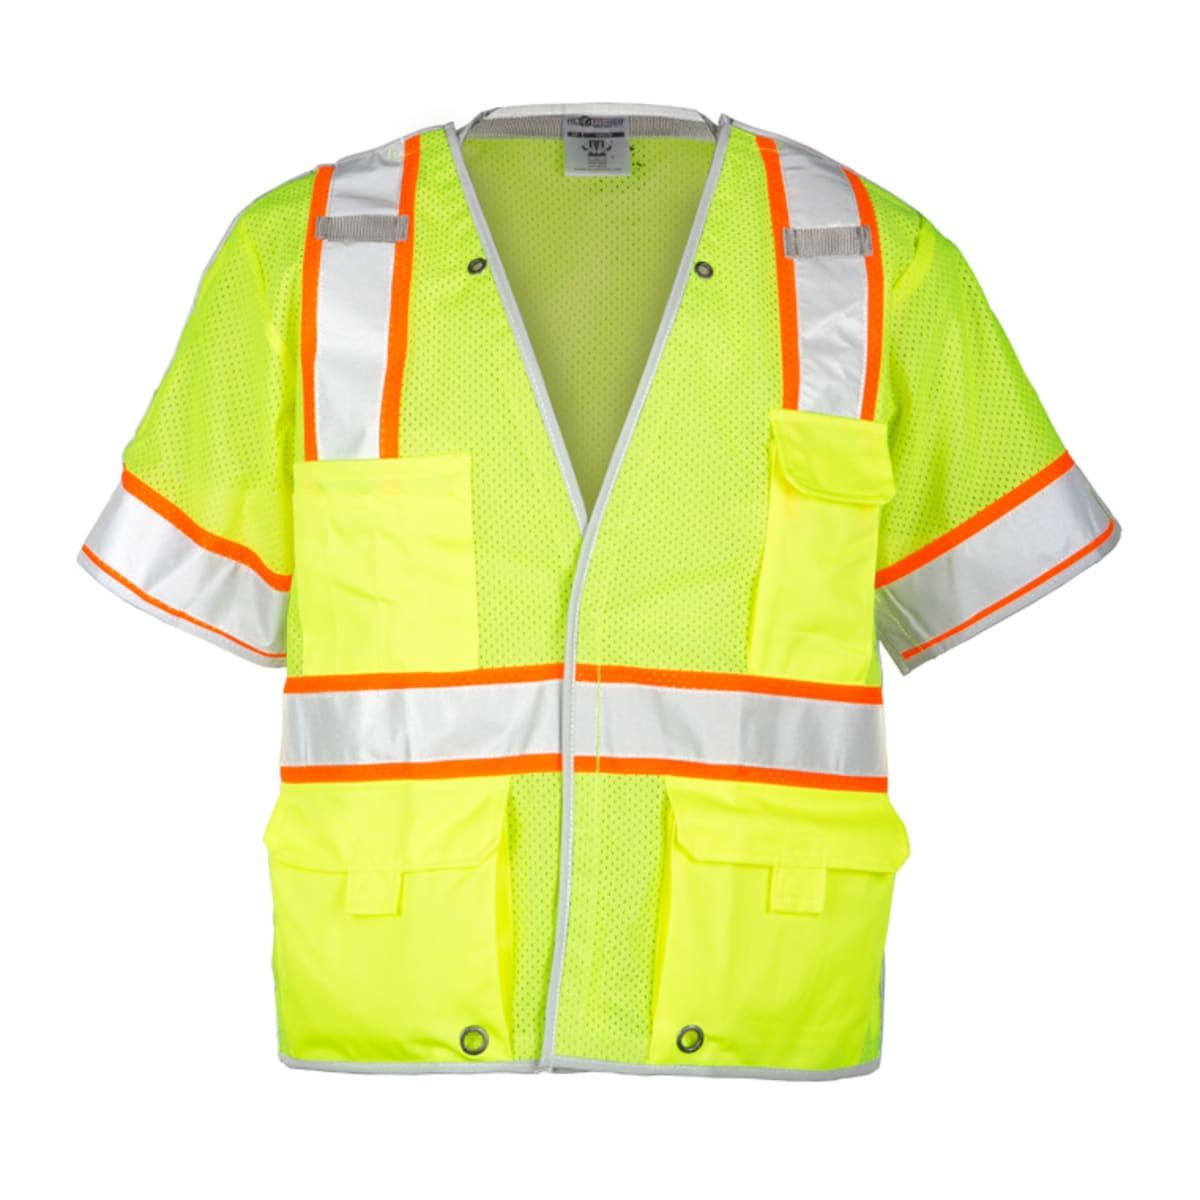 Vest Lime 2XL Breakaway Class 3